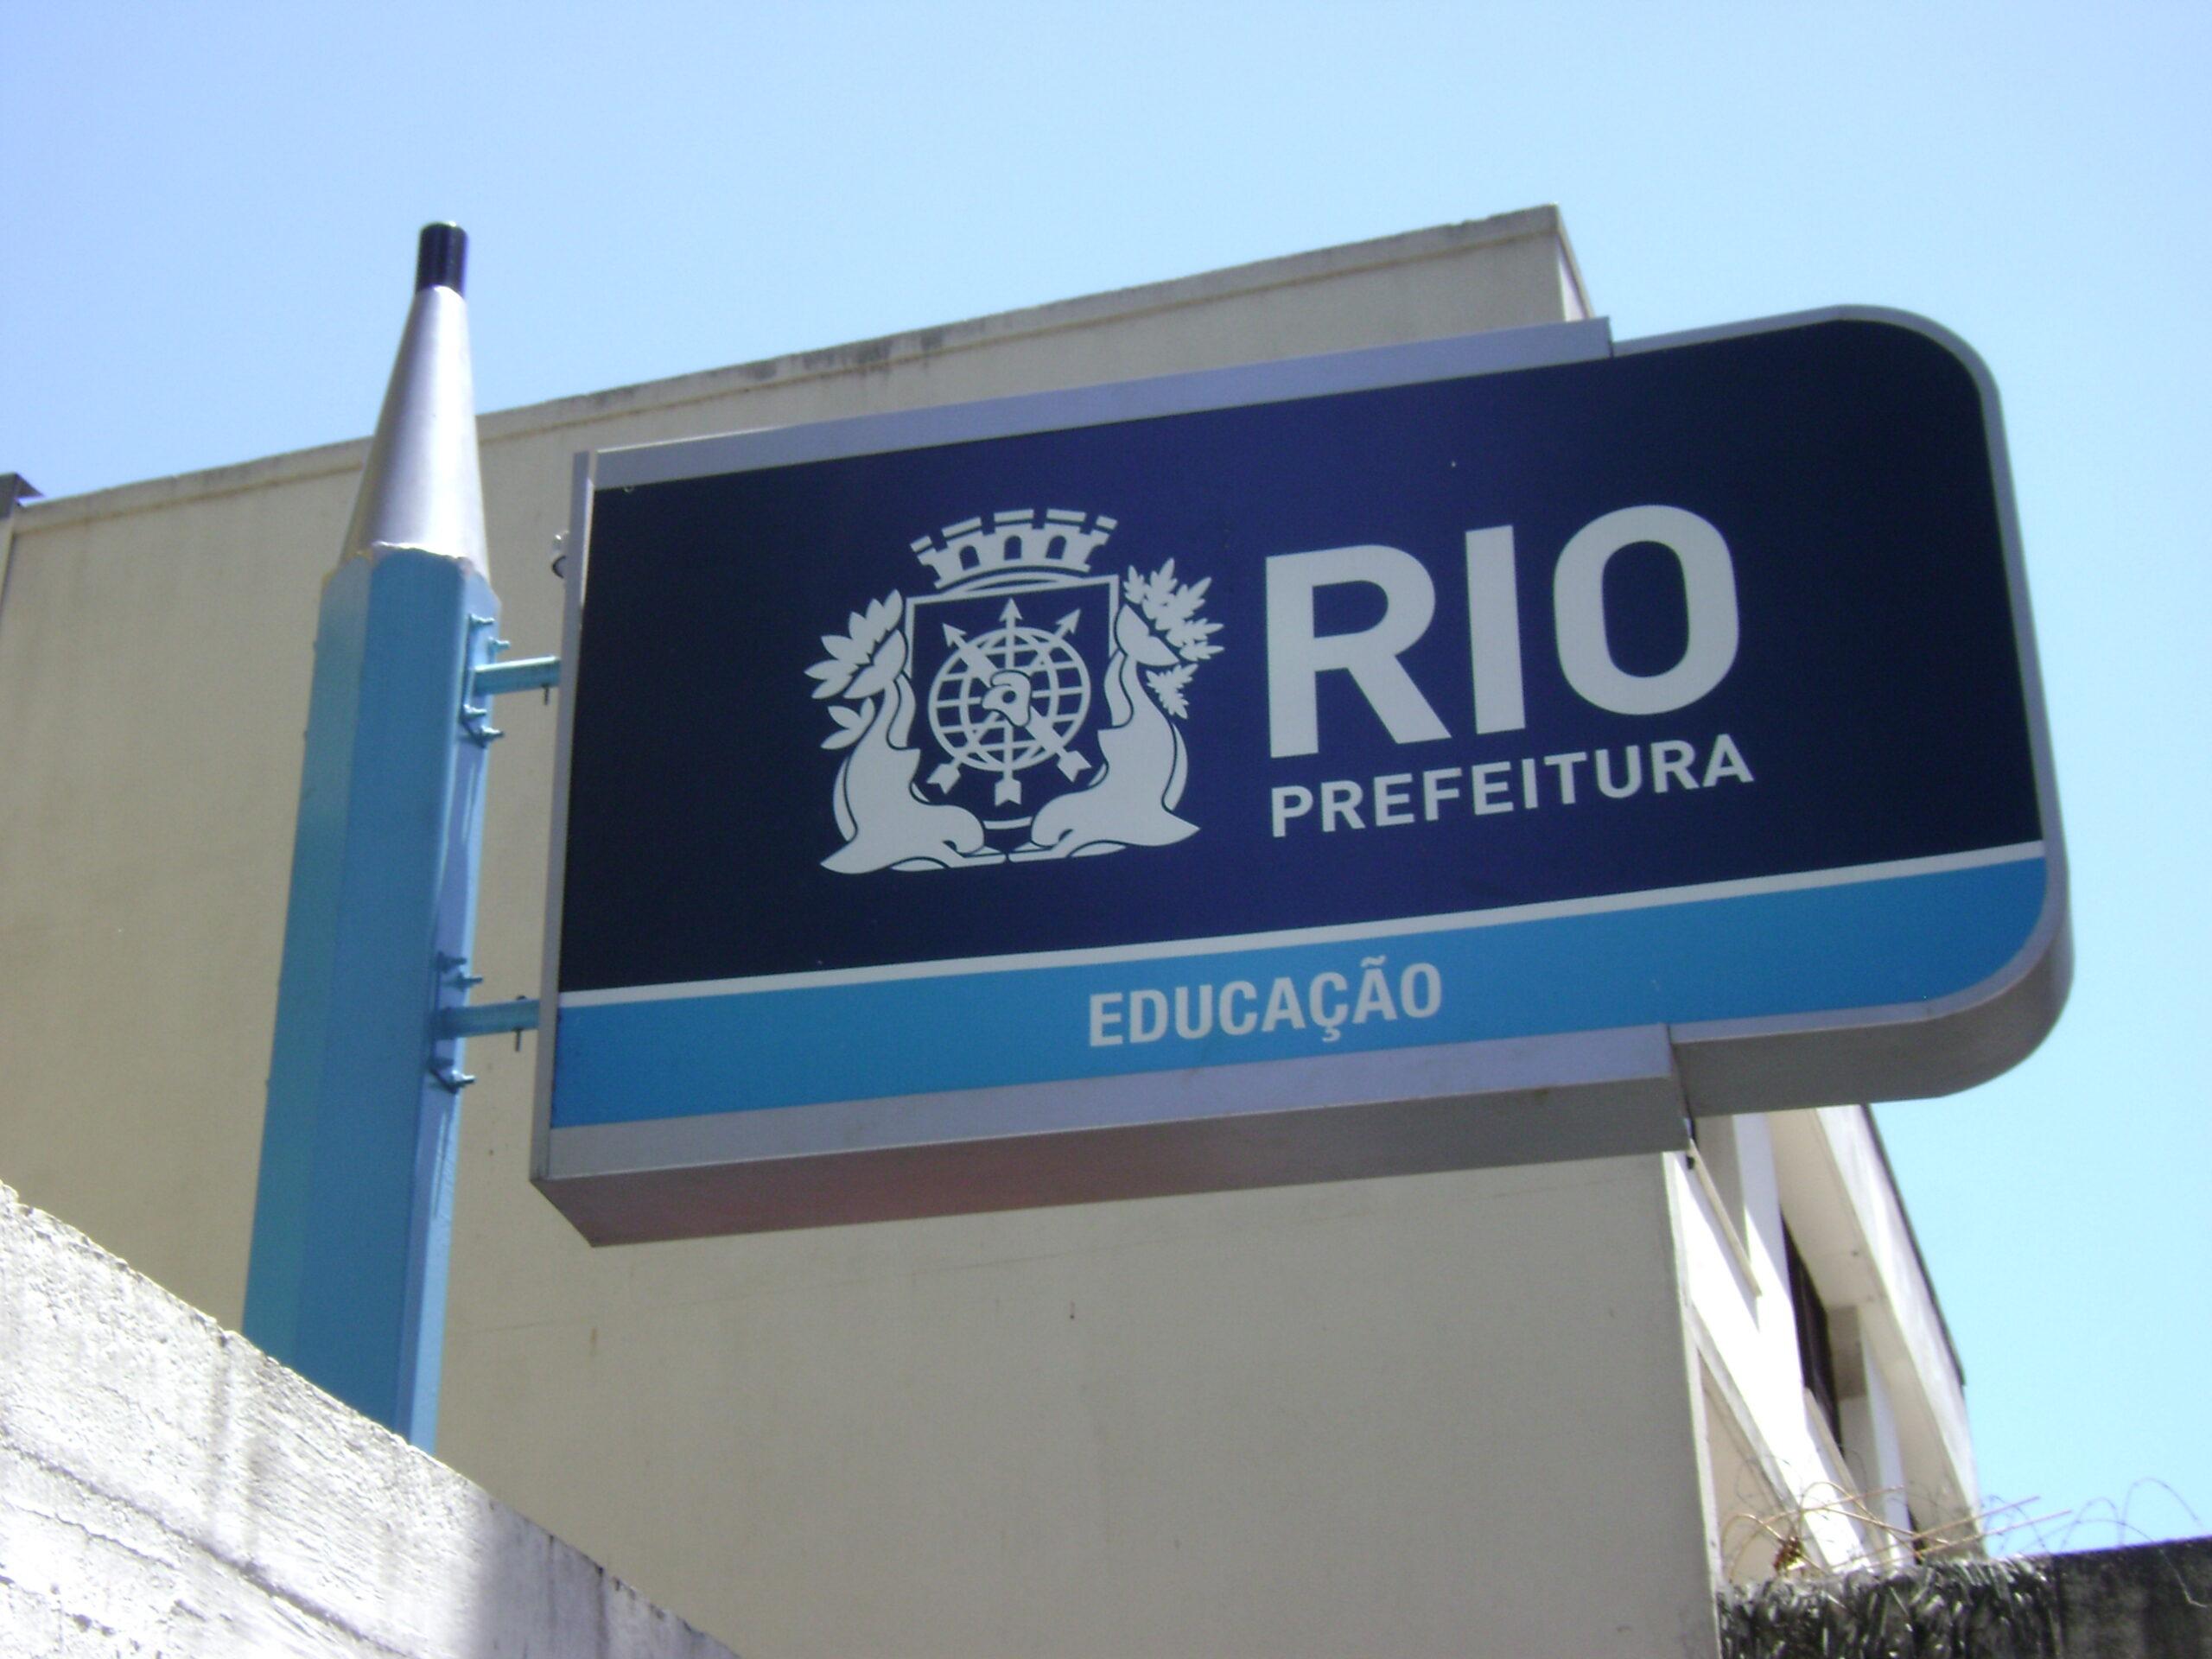 7 escolas em favelas do Rio vão retornar aulas presenciais a partir do dia 24; Veja a lista